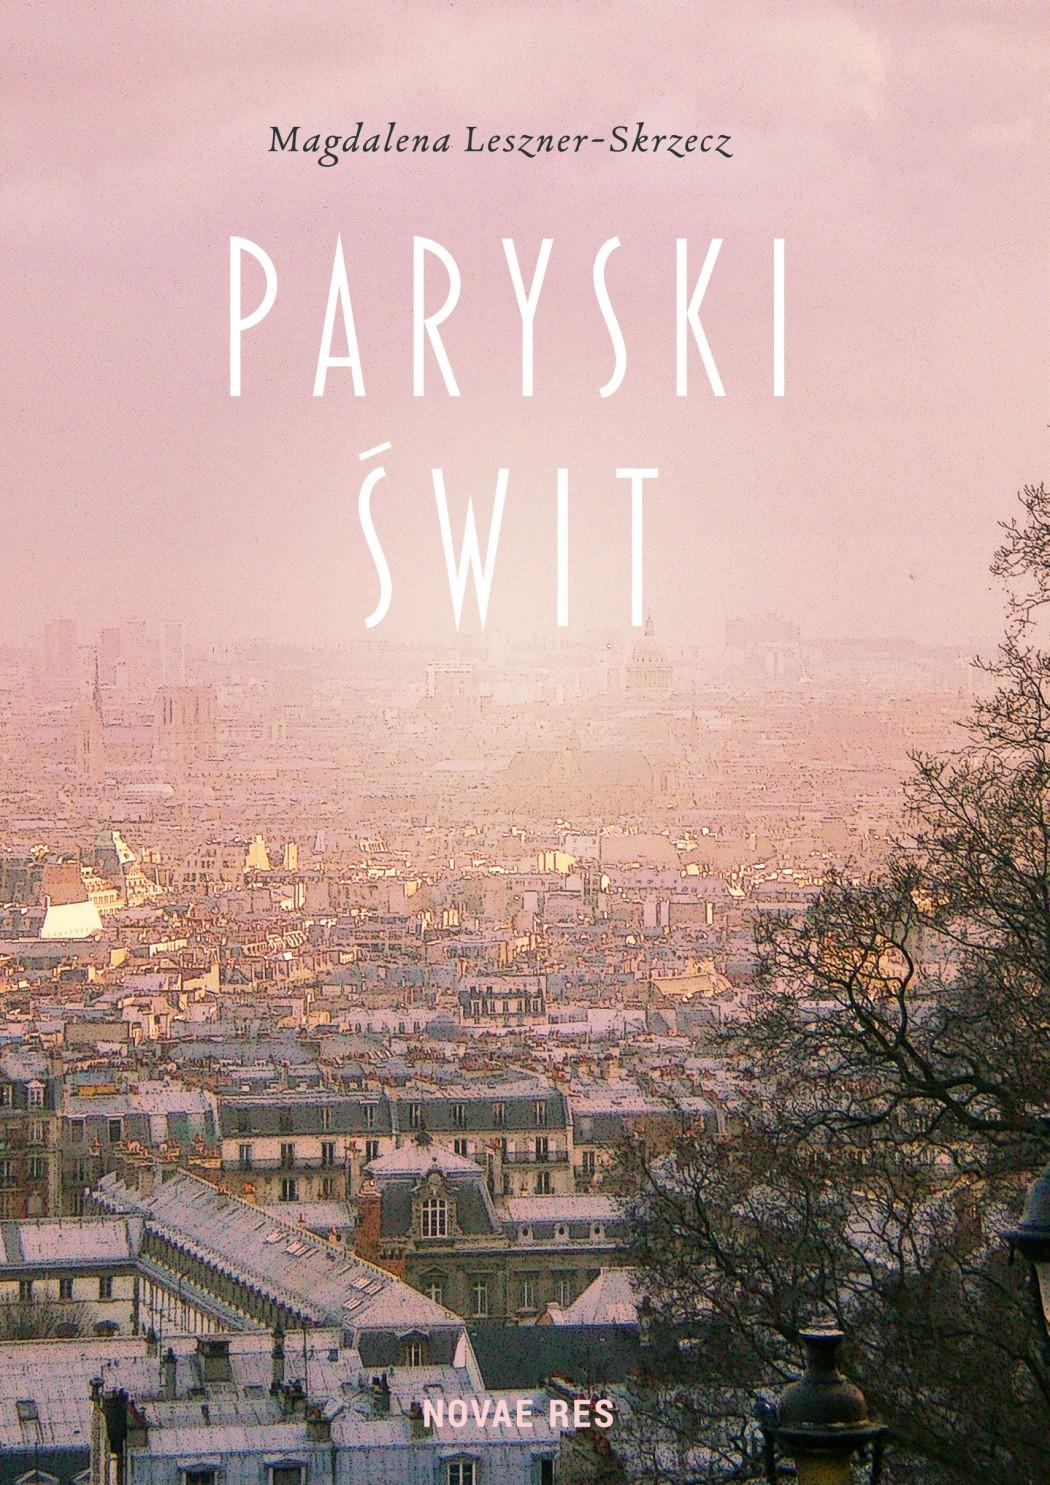 """magazynkobiet.pl - paryski swit okl 1050x1485 - """"Paryski świt"""""""